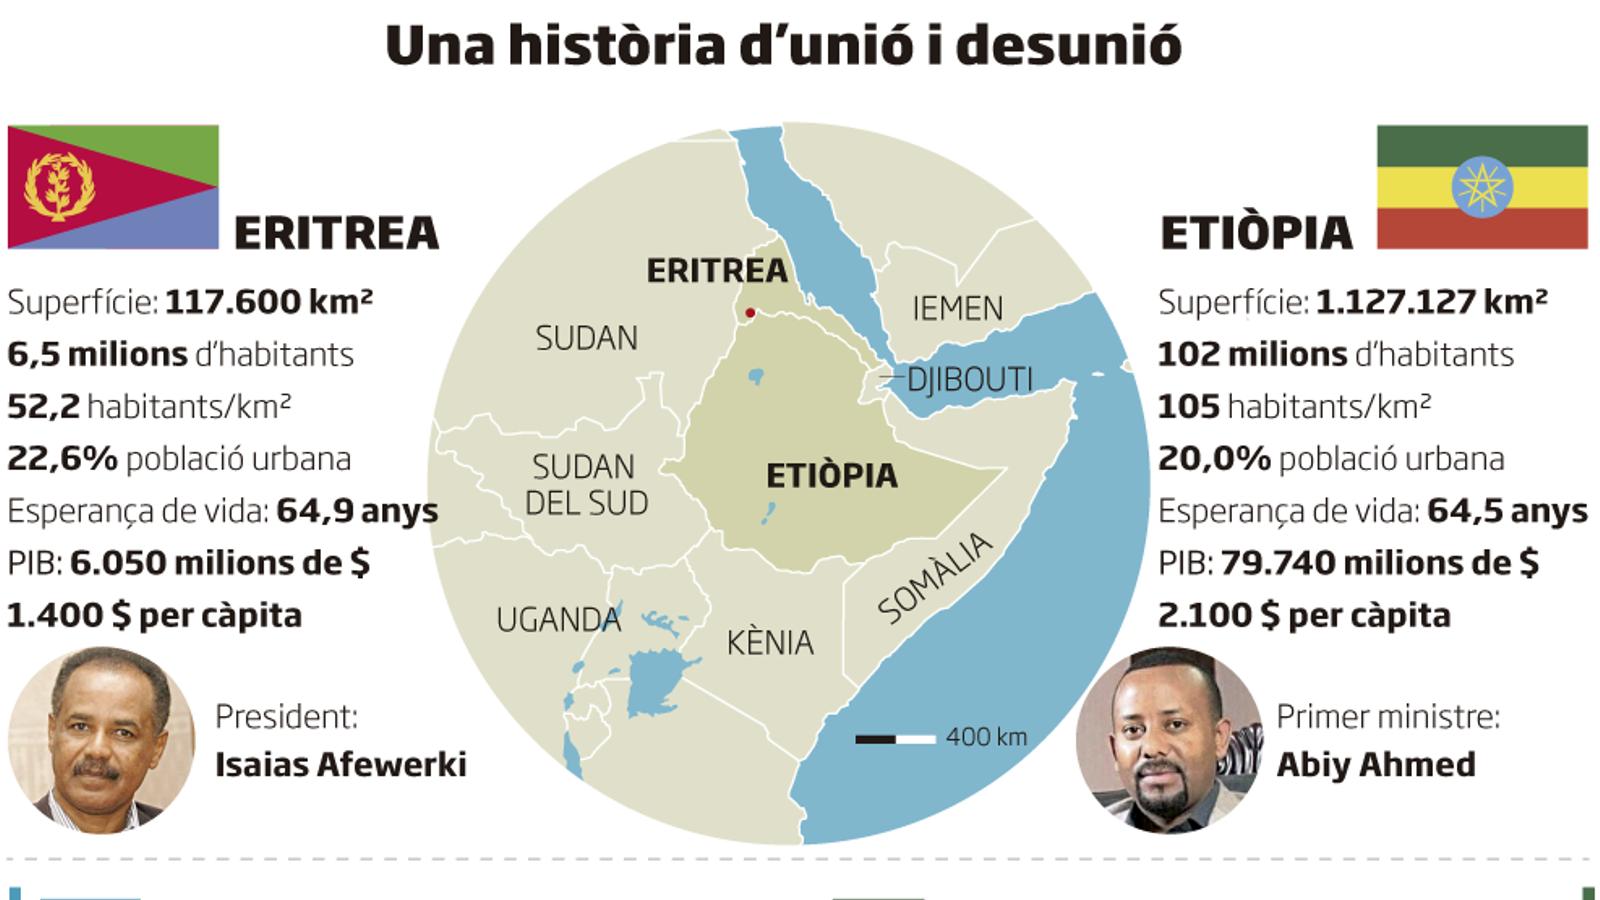 Etiòpia i Eritrea posen fi a l'última gran guerra africana